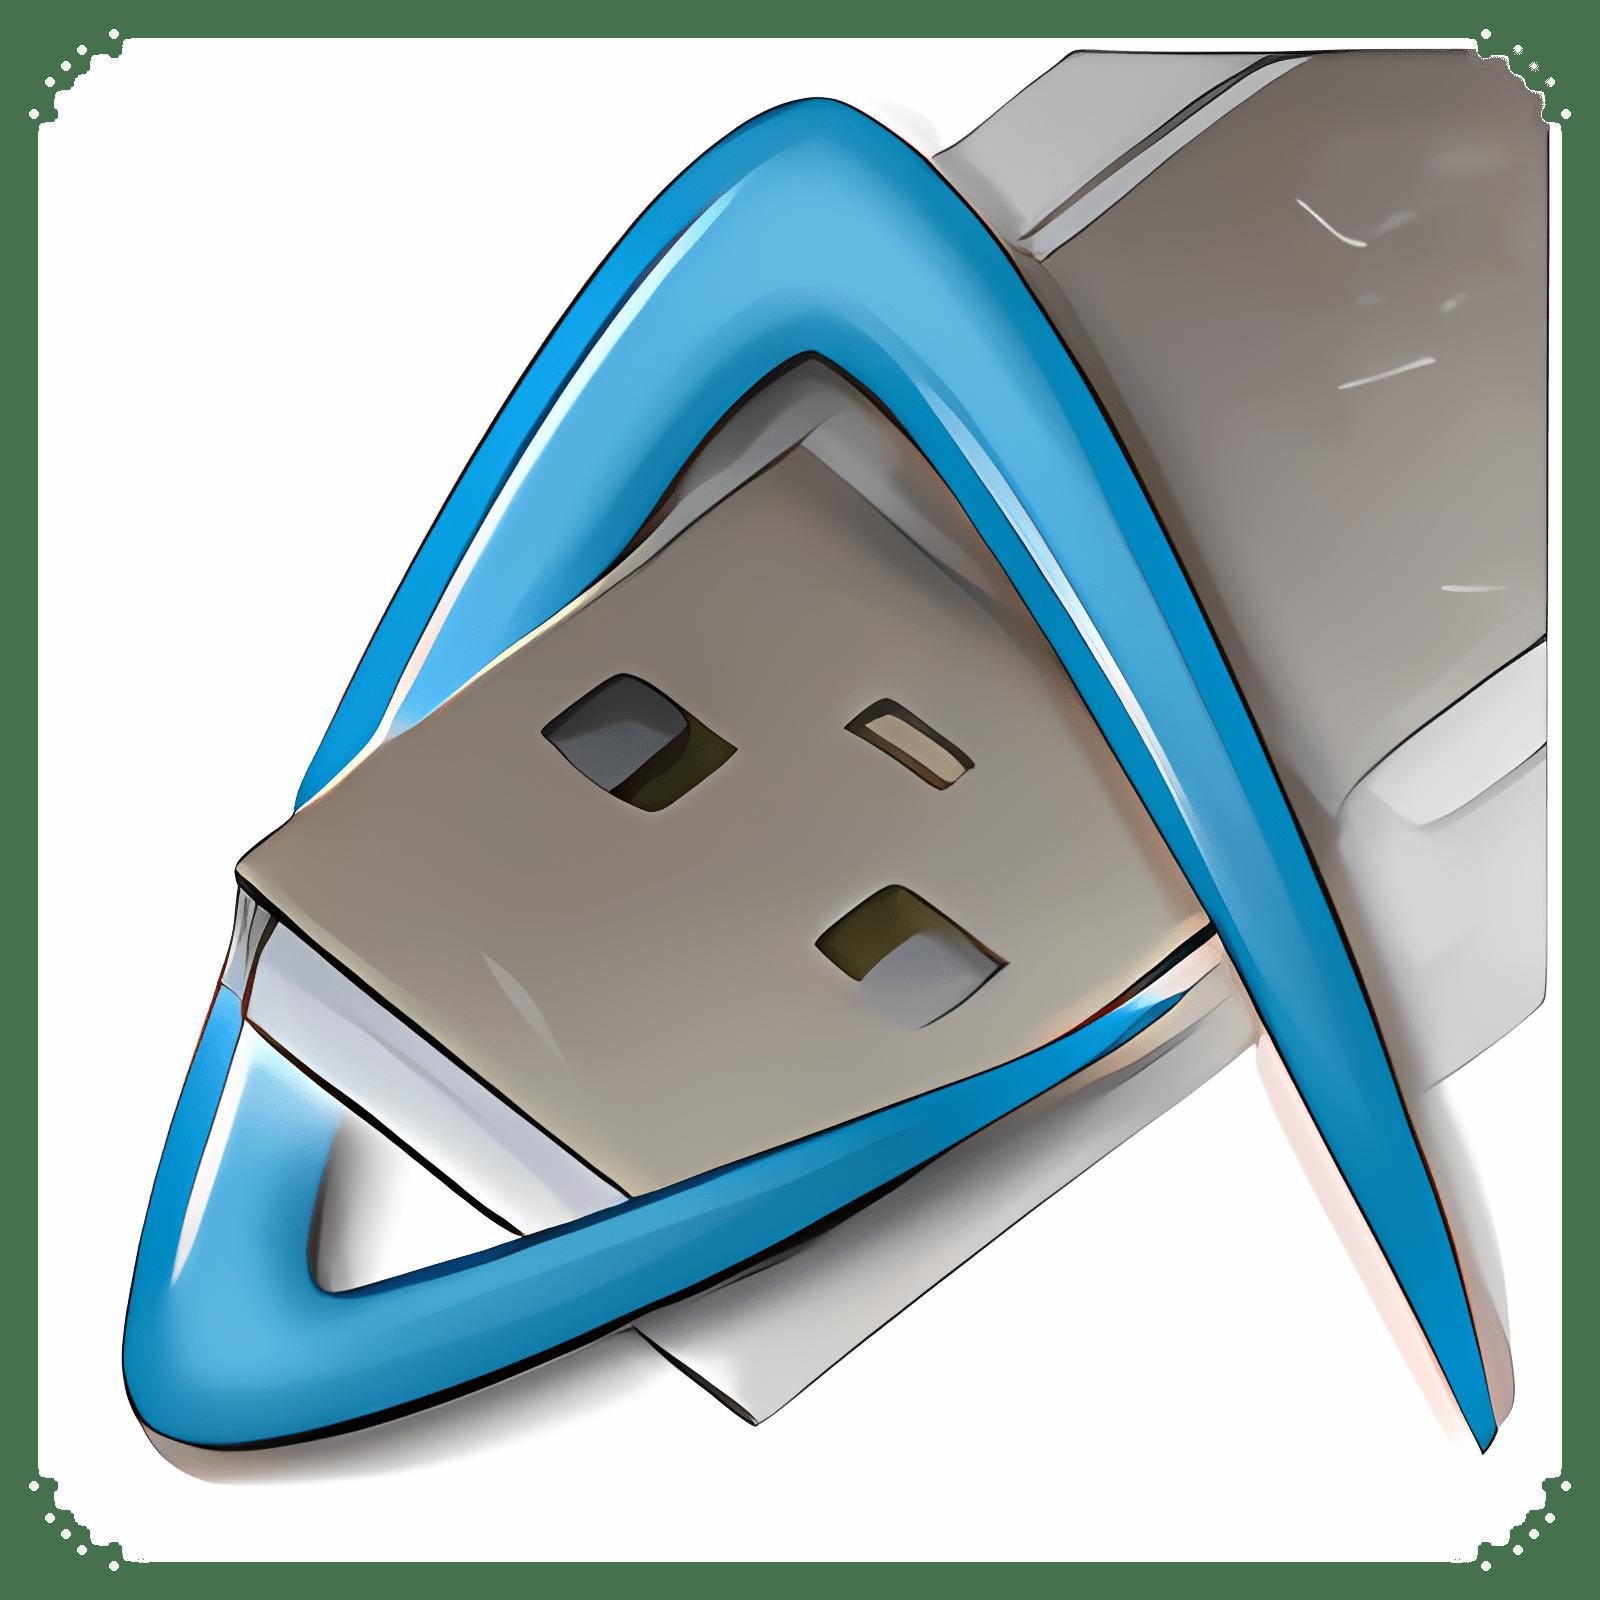 Portable AbiWord 2.4.4